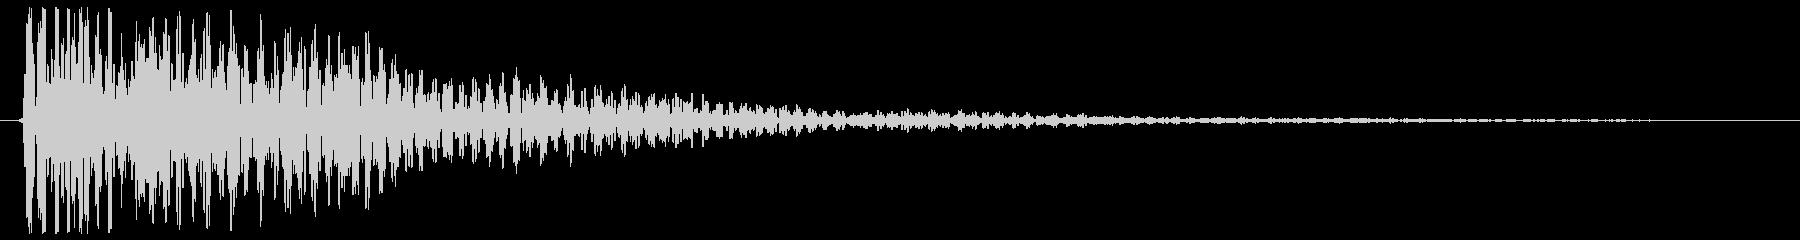 ゴ〜ン(鐘の低い音)の未再生の波形